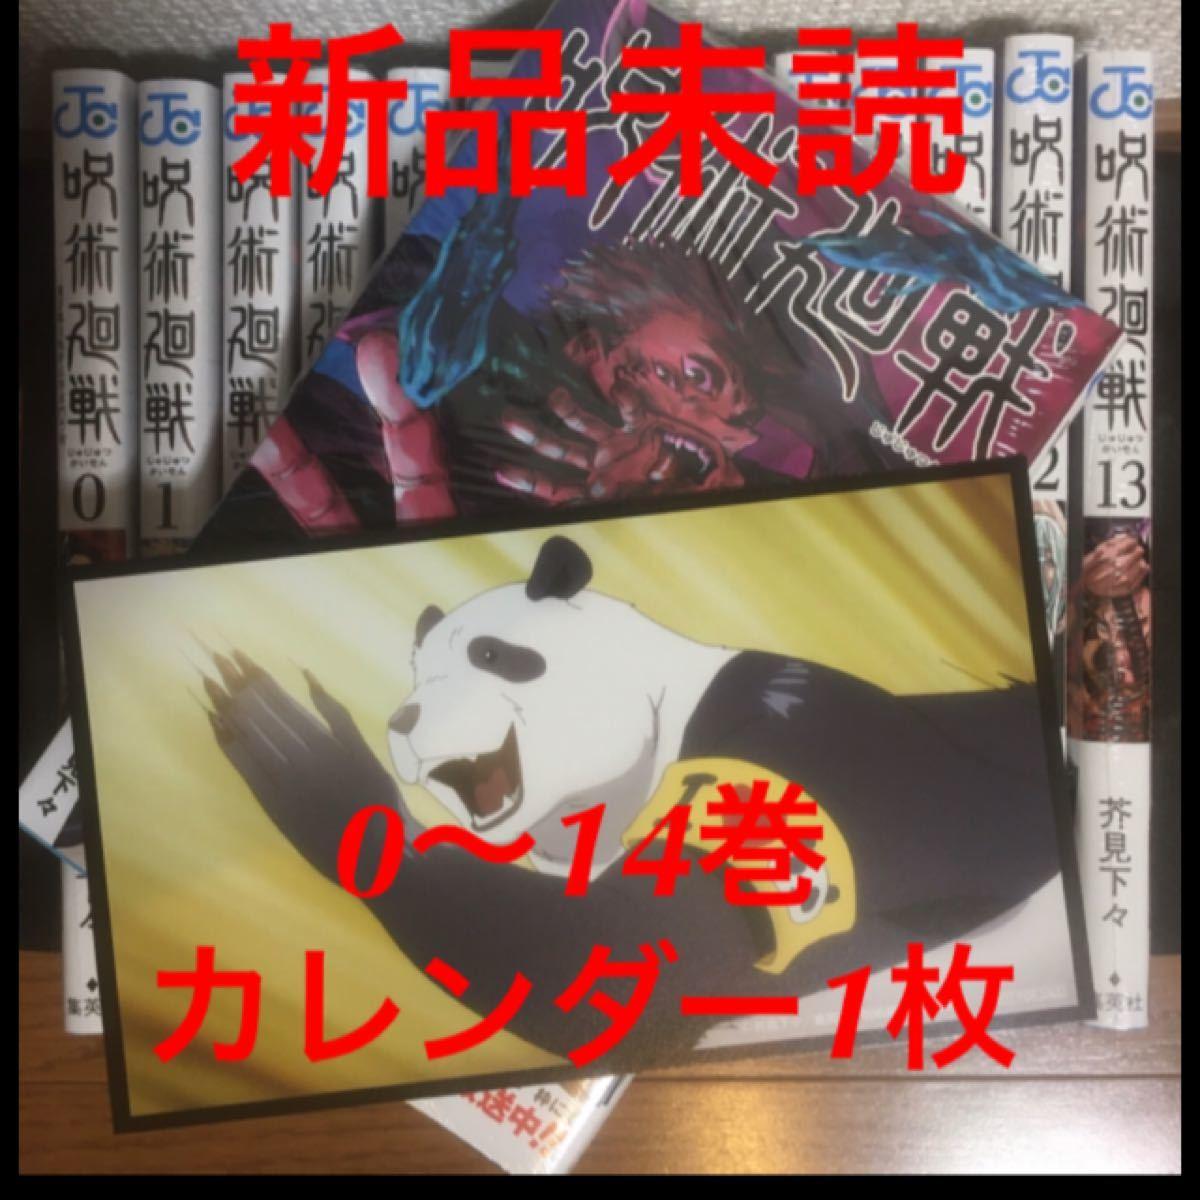 呪術廻戦 新品 全巻 0〜14巻 カレンダー1枚 シュリンク付き